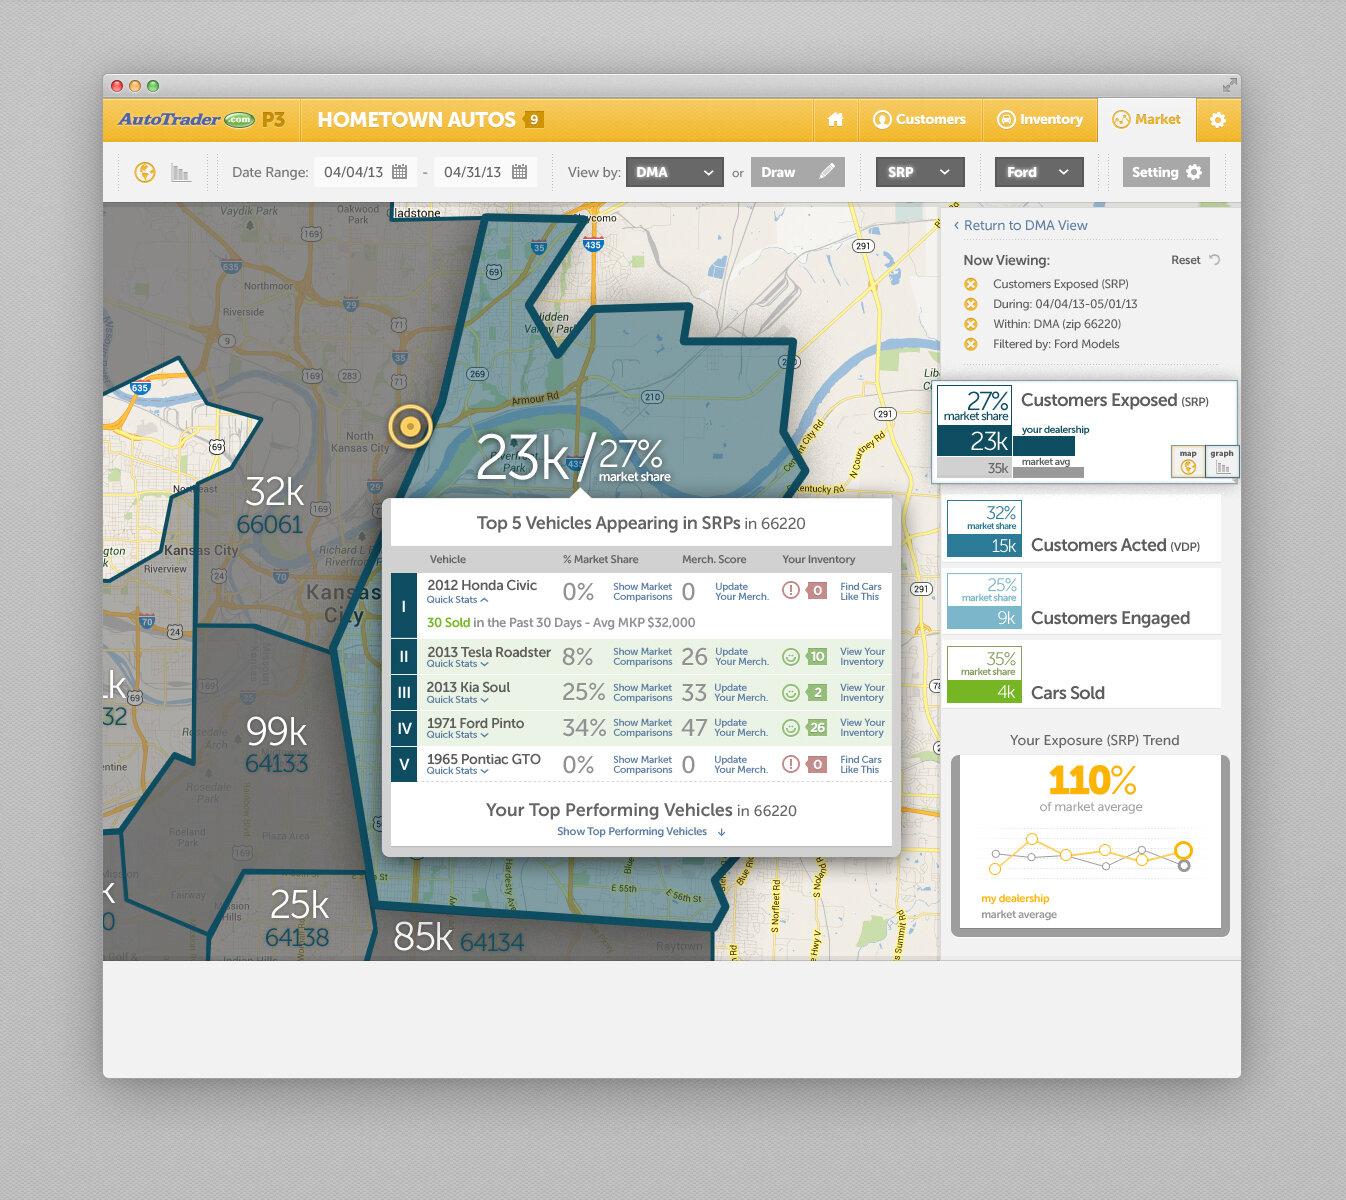 20130627_atc_p3_desktop_market_zip.jpg